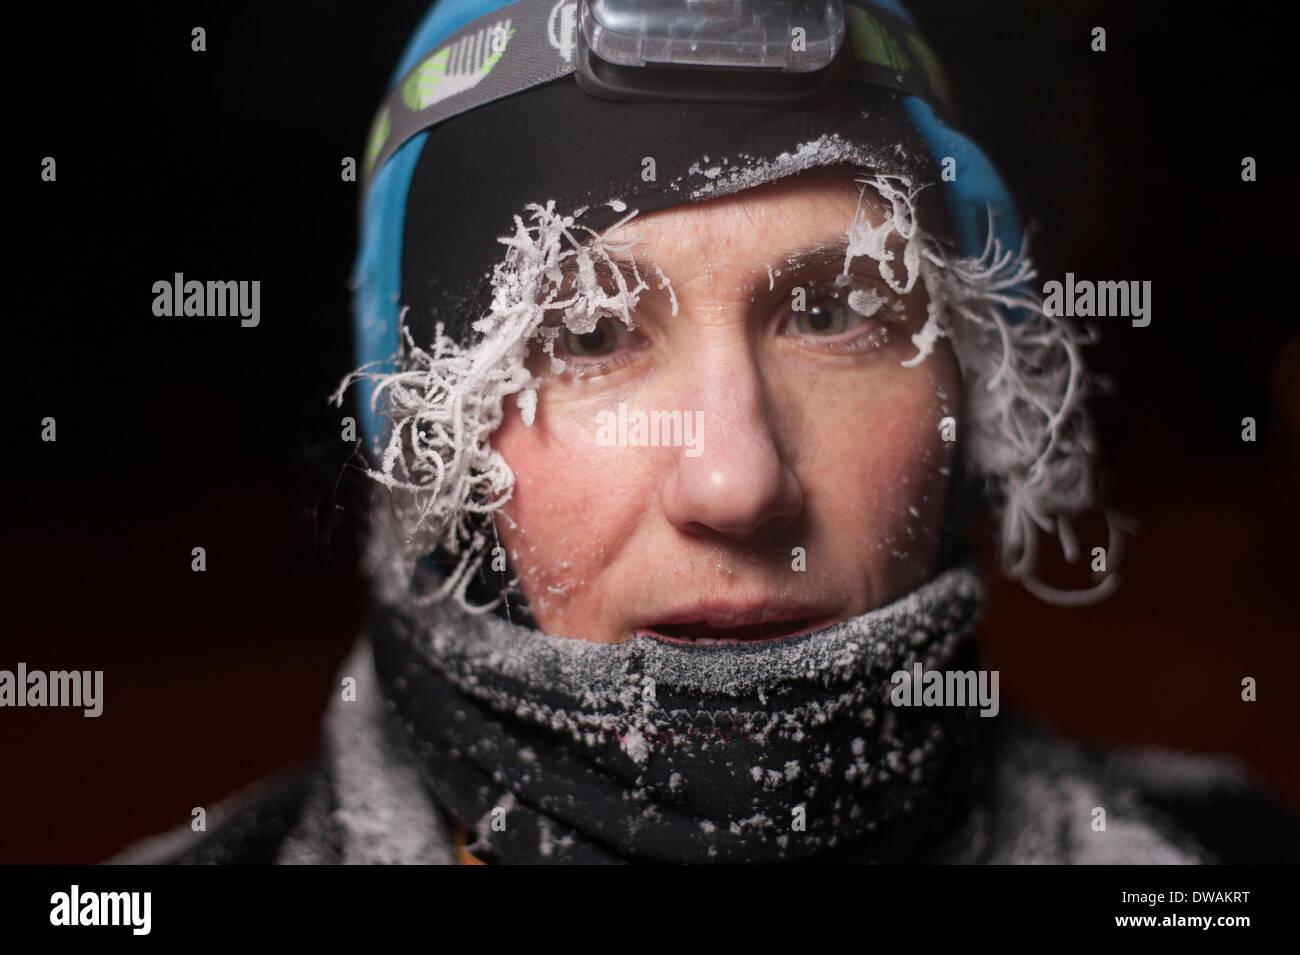 Notte tempo ritratto di una donna all'aperto con la brina sul suo viso, i capelli e le ciglia Immagini Stock